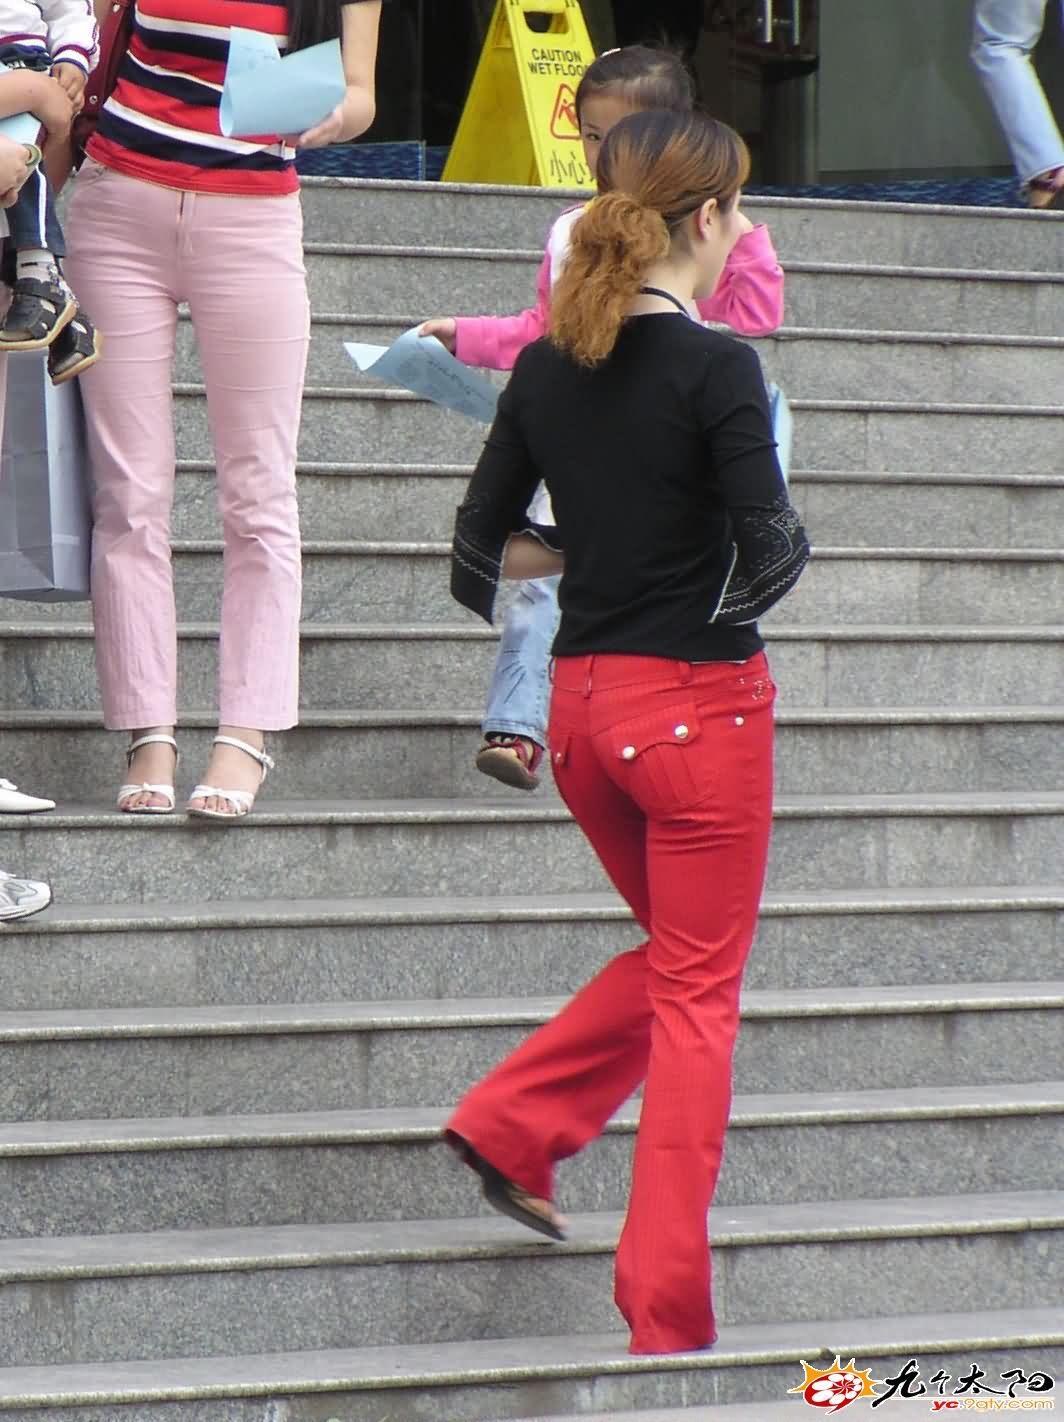 发广告传单的红裤MM - 源源 - djun.007 的博客